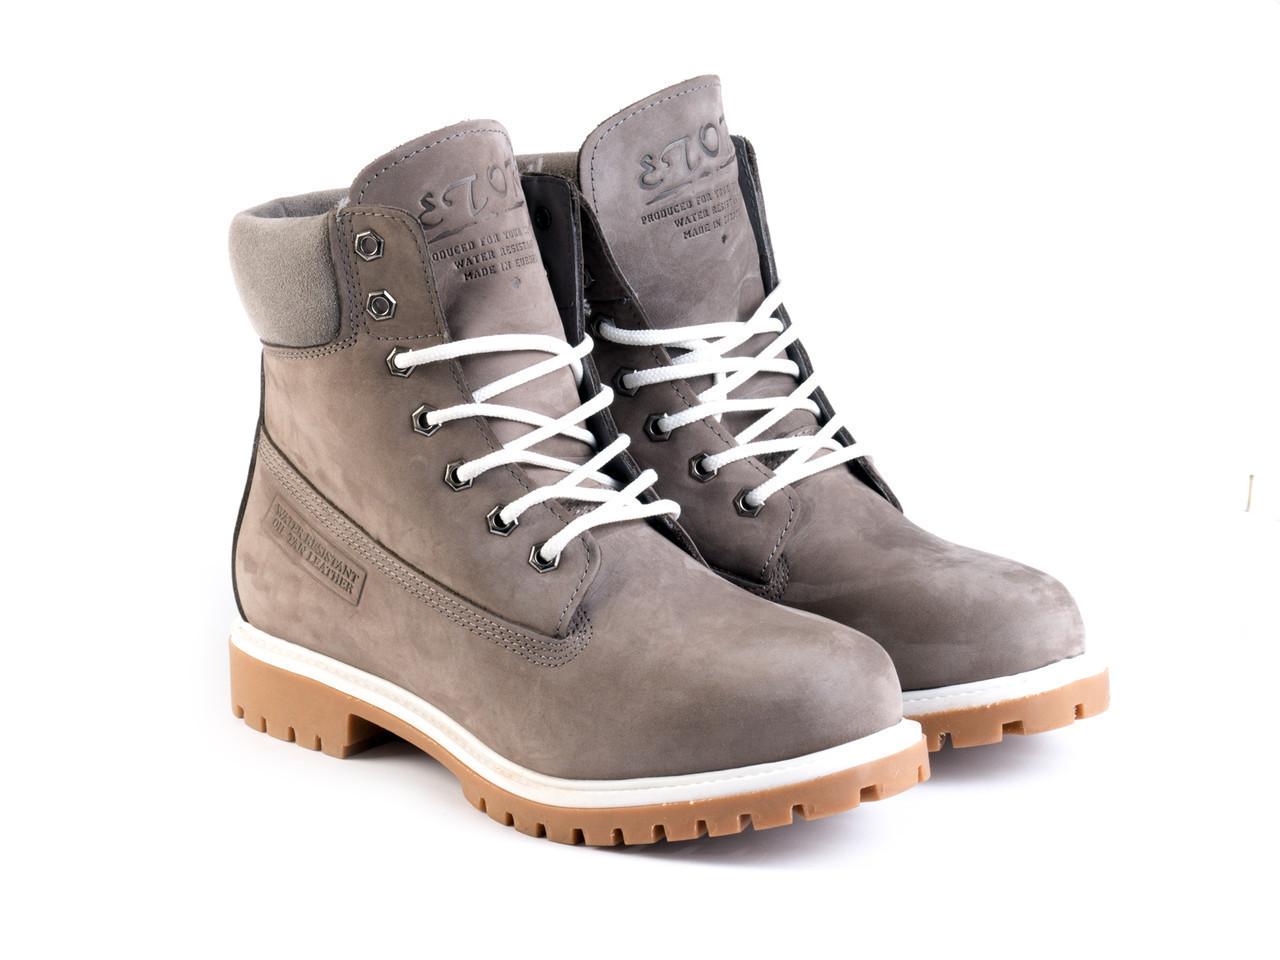 Ботинки Etor 9916-2298-850-0222 42 серые